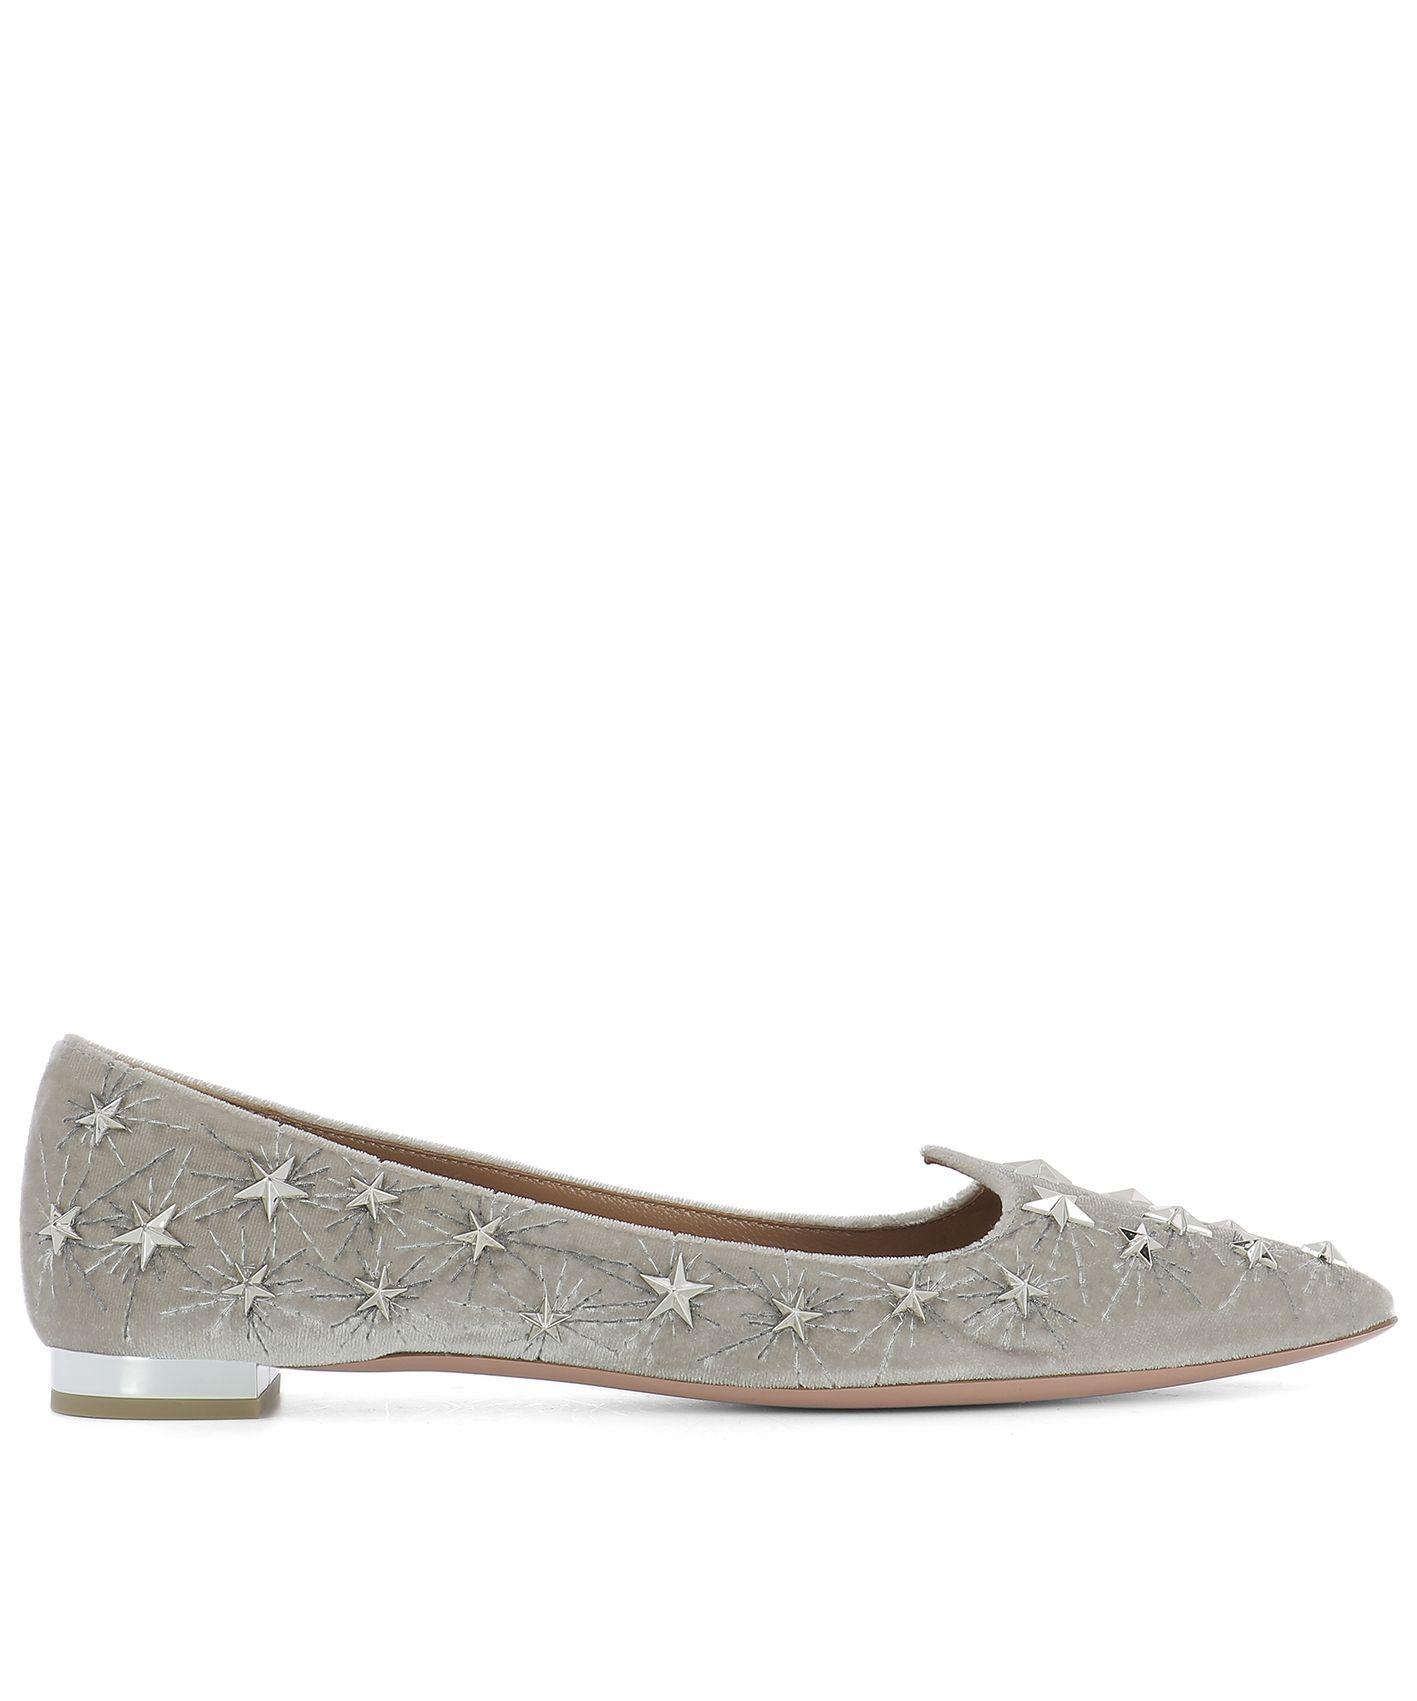 Grey Velvet Ballet Flats